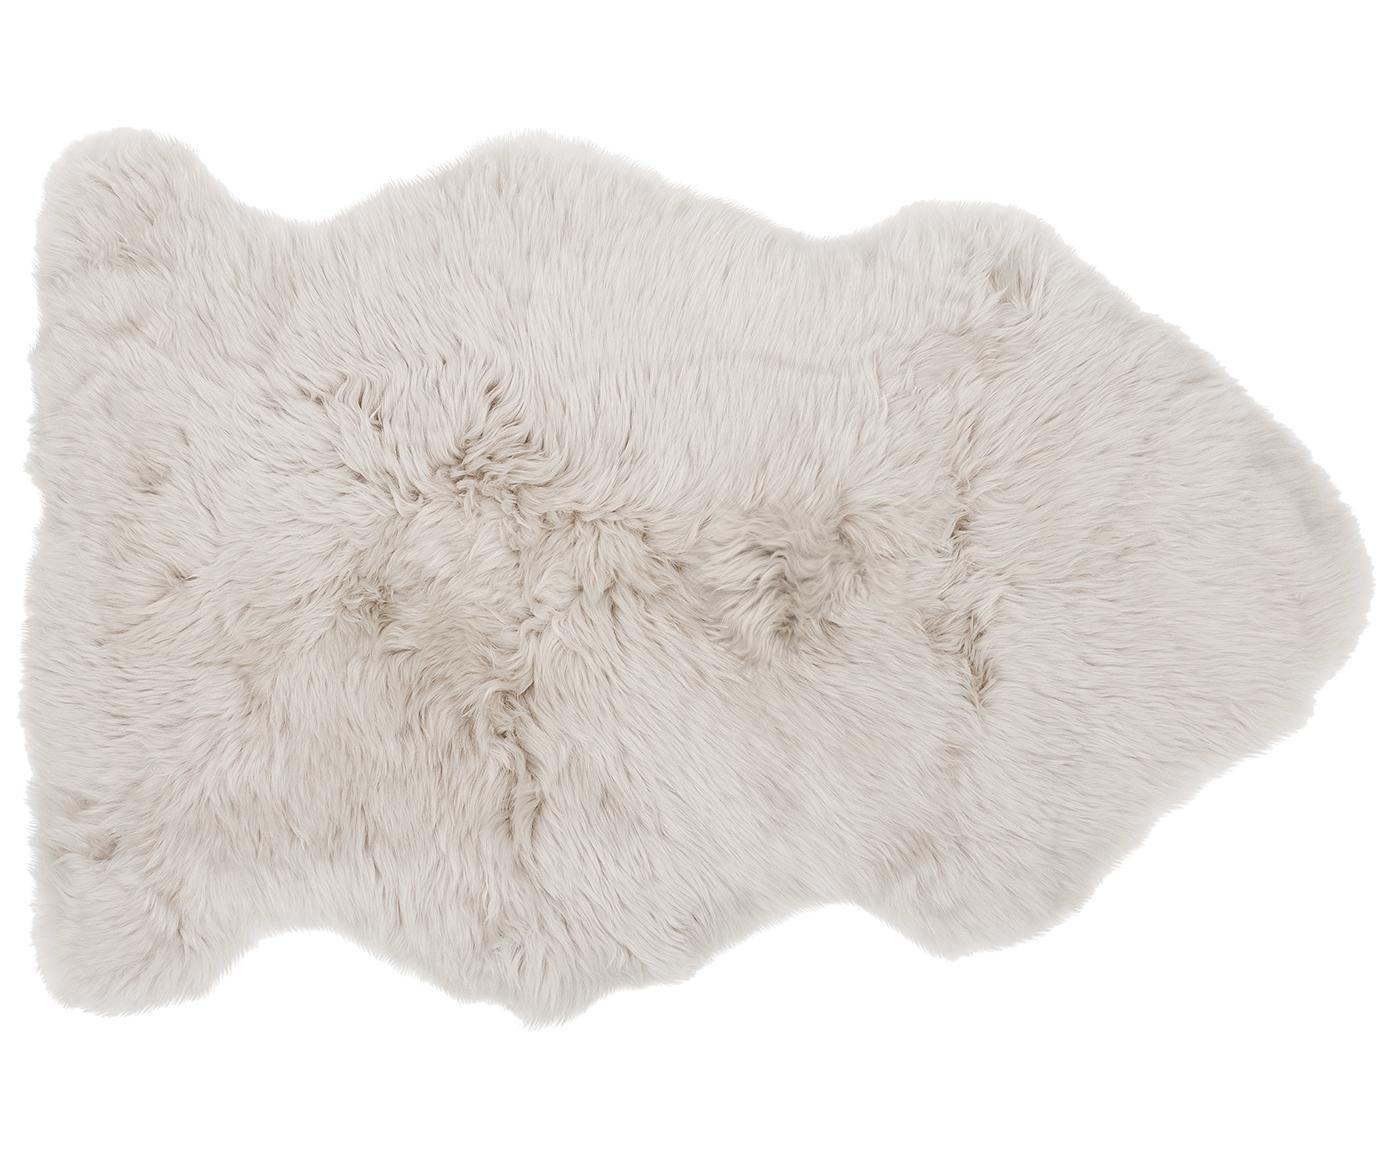 Pelliccia di pecora Oslo, Retro: 100% pelle, rivestito sen, Beige, Larg. 60 x Lung. 90 cm